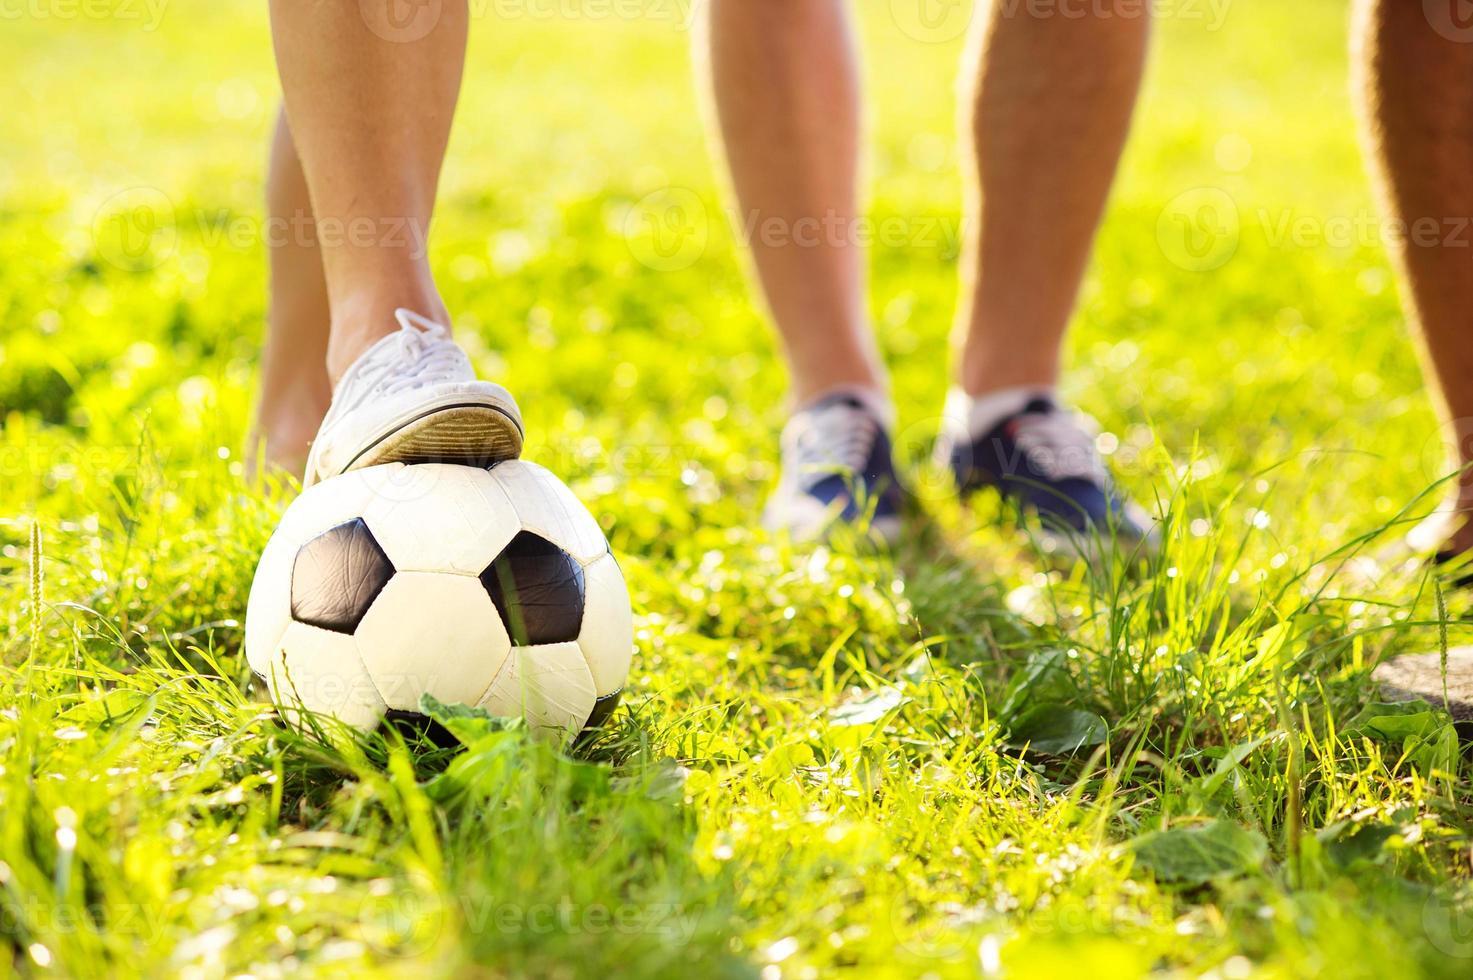 piedi e pallone da calcio foto